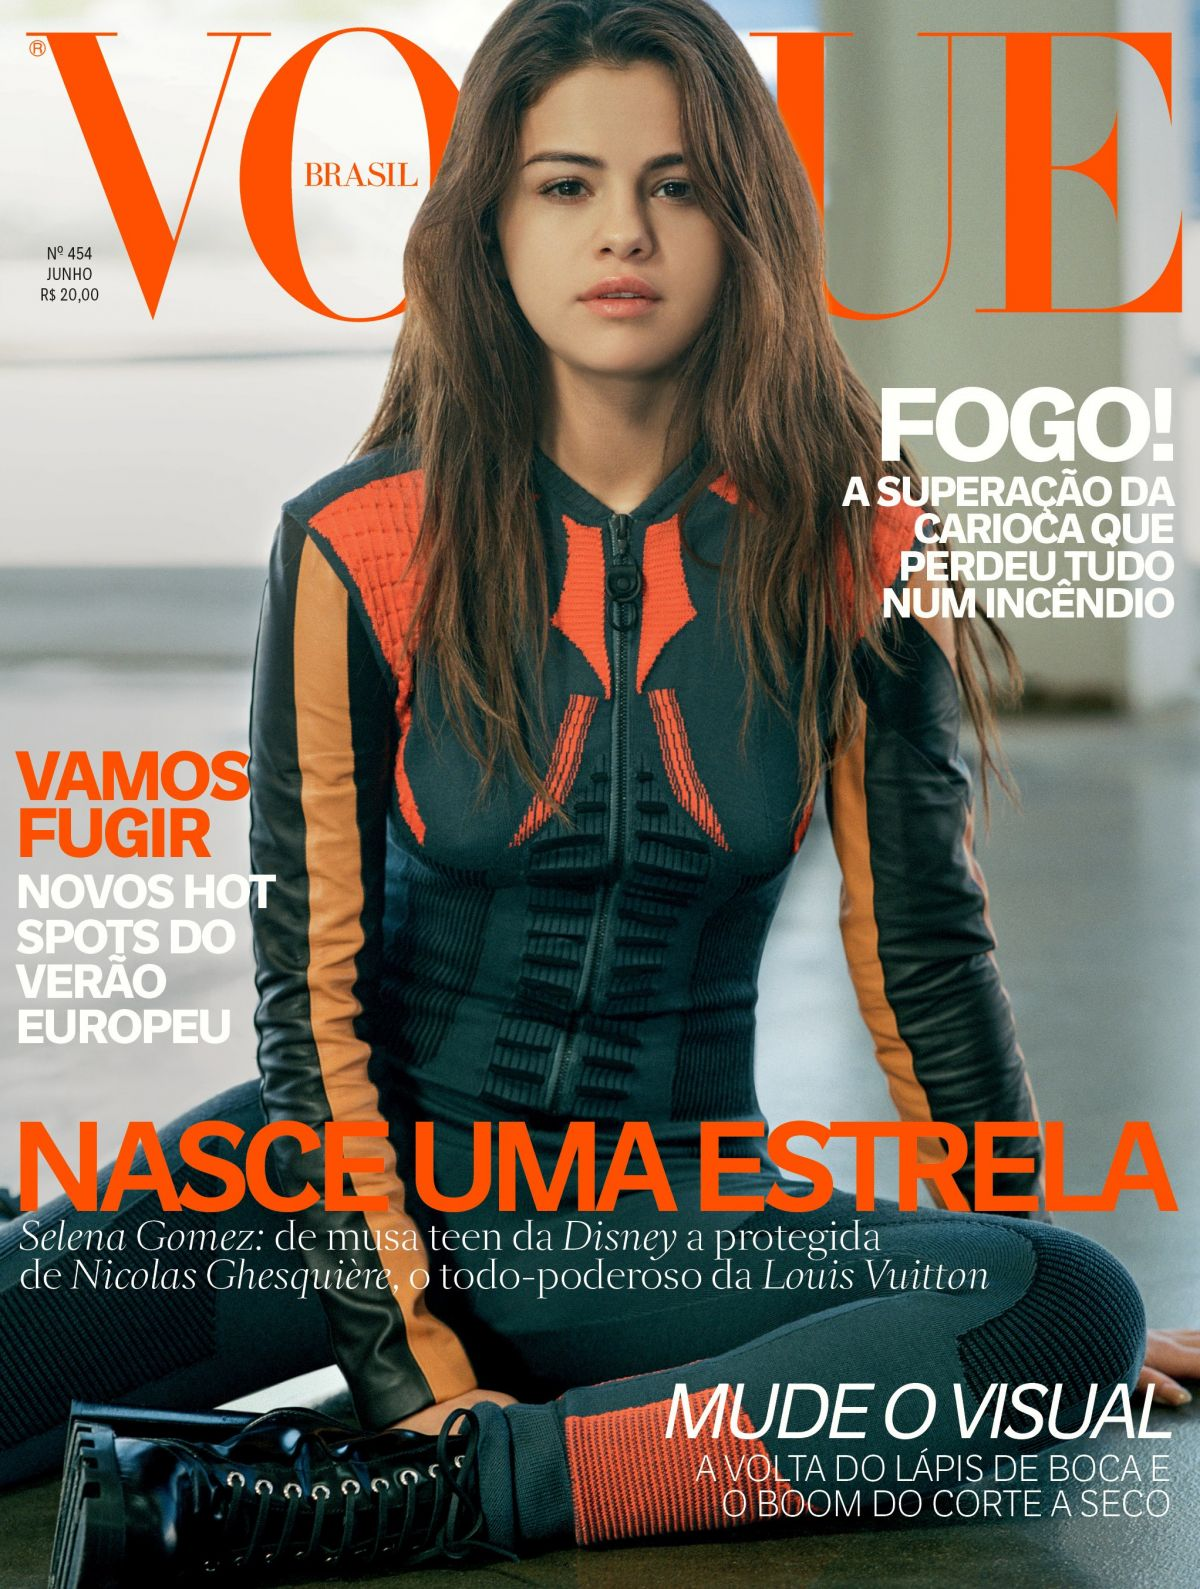 SELENA GOMEZ for Vogue Magazine, Brasil 2016